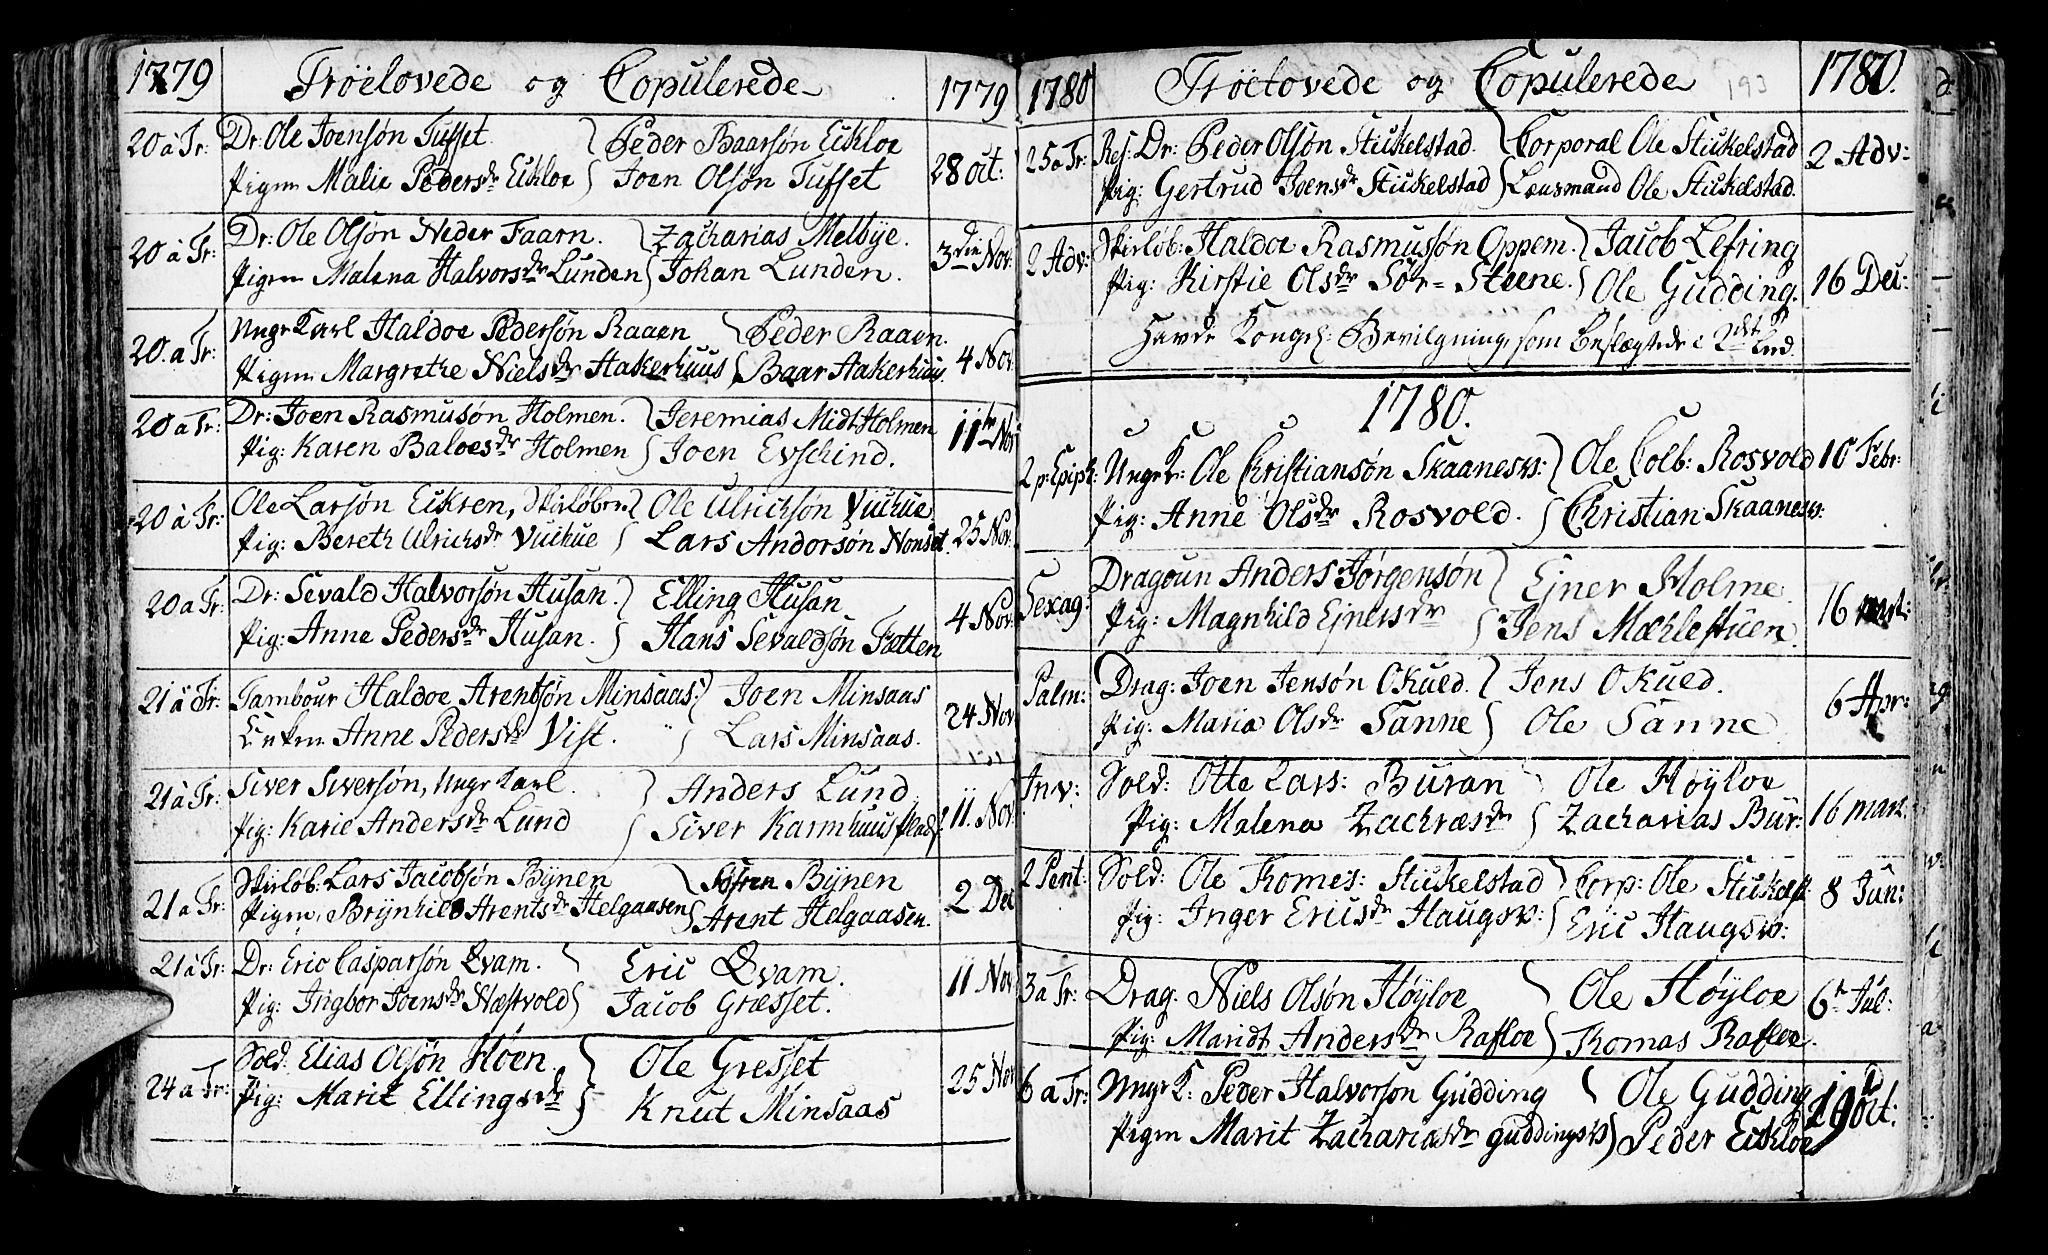 SAT, Ministerialprotokoller, klokkerbøker og fødselsregistre - Nord-Trøndelag, 723/L0231: Ministerialbok nr. 723A02, 1748-1780, s. 193